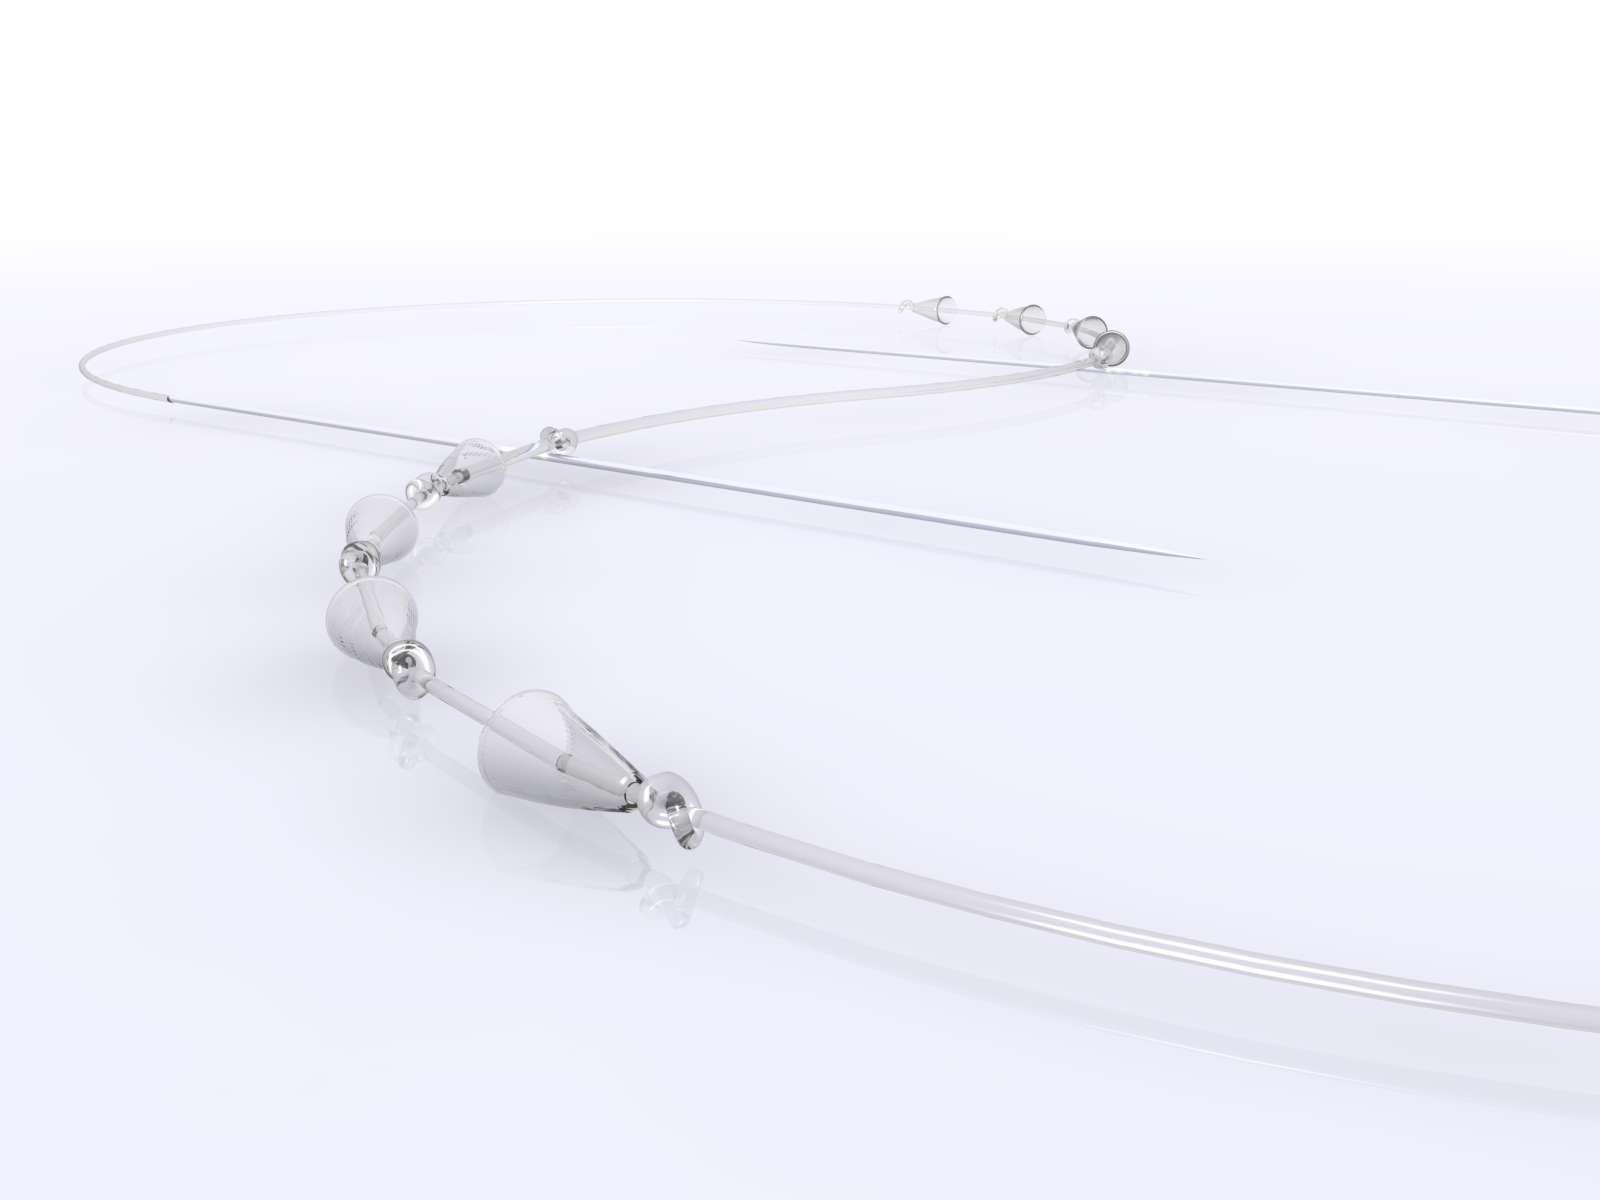 3Dリフトで使用するコーン状の突起がついている糸の画像